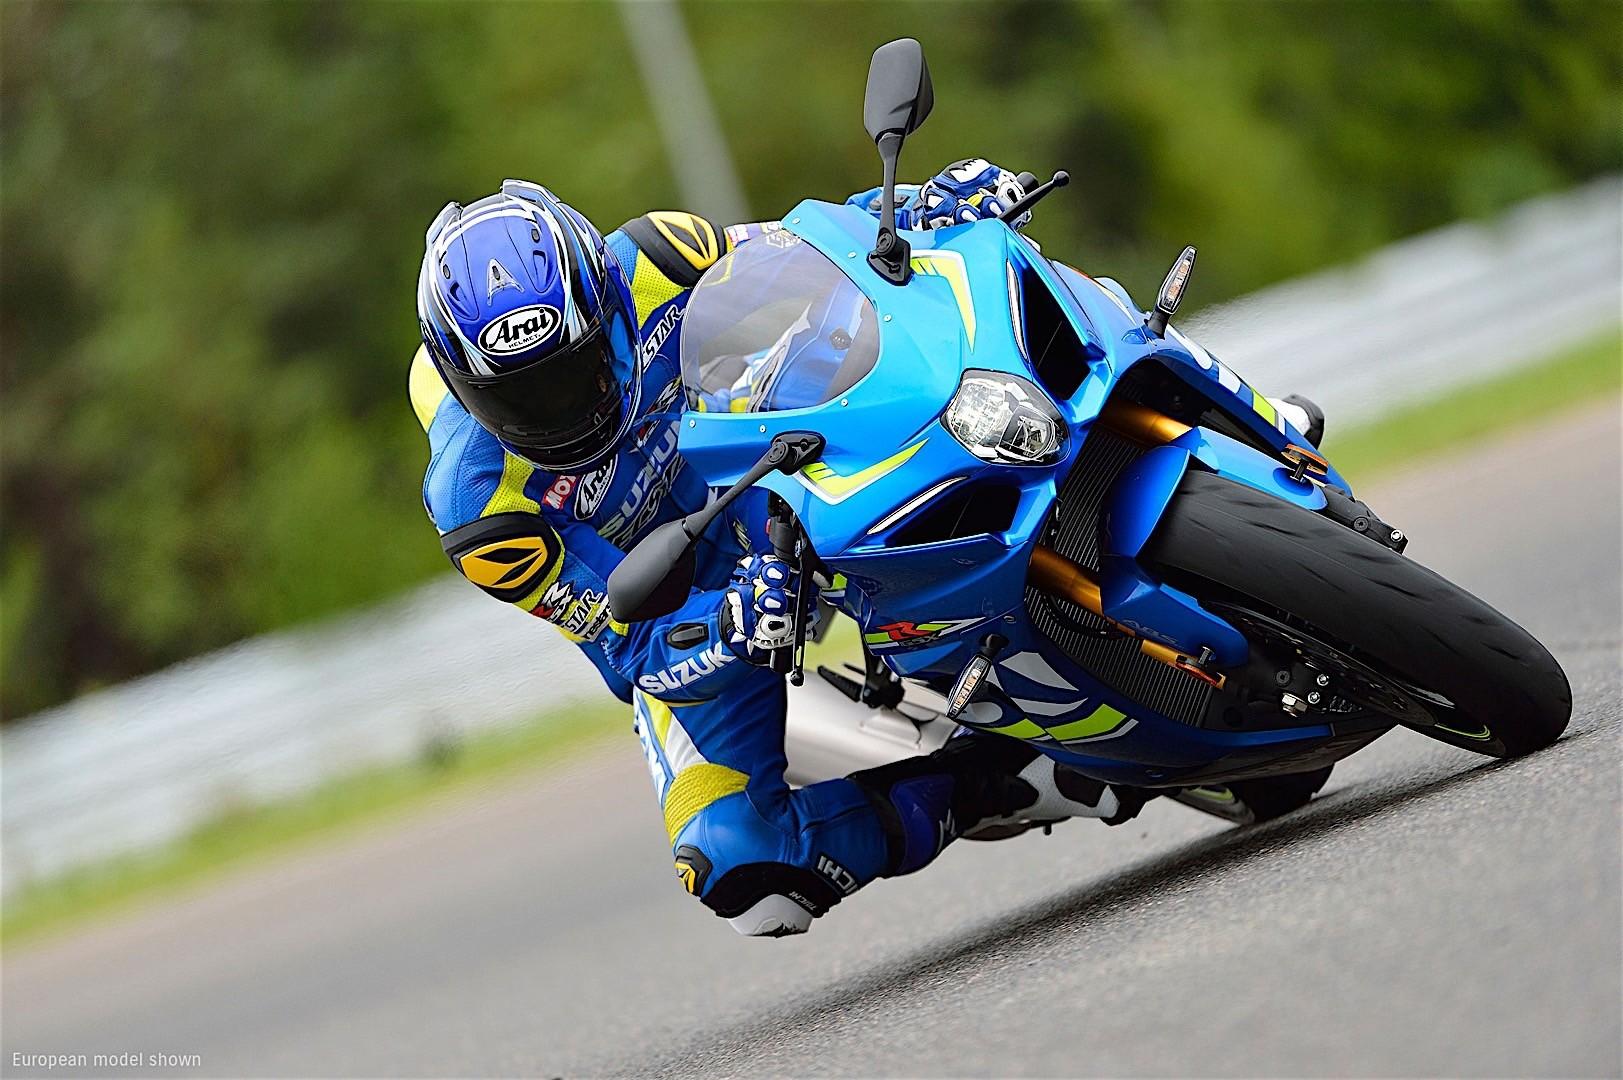 какой кроссовый мотоцикл лучше